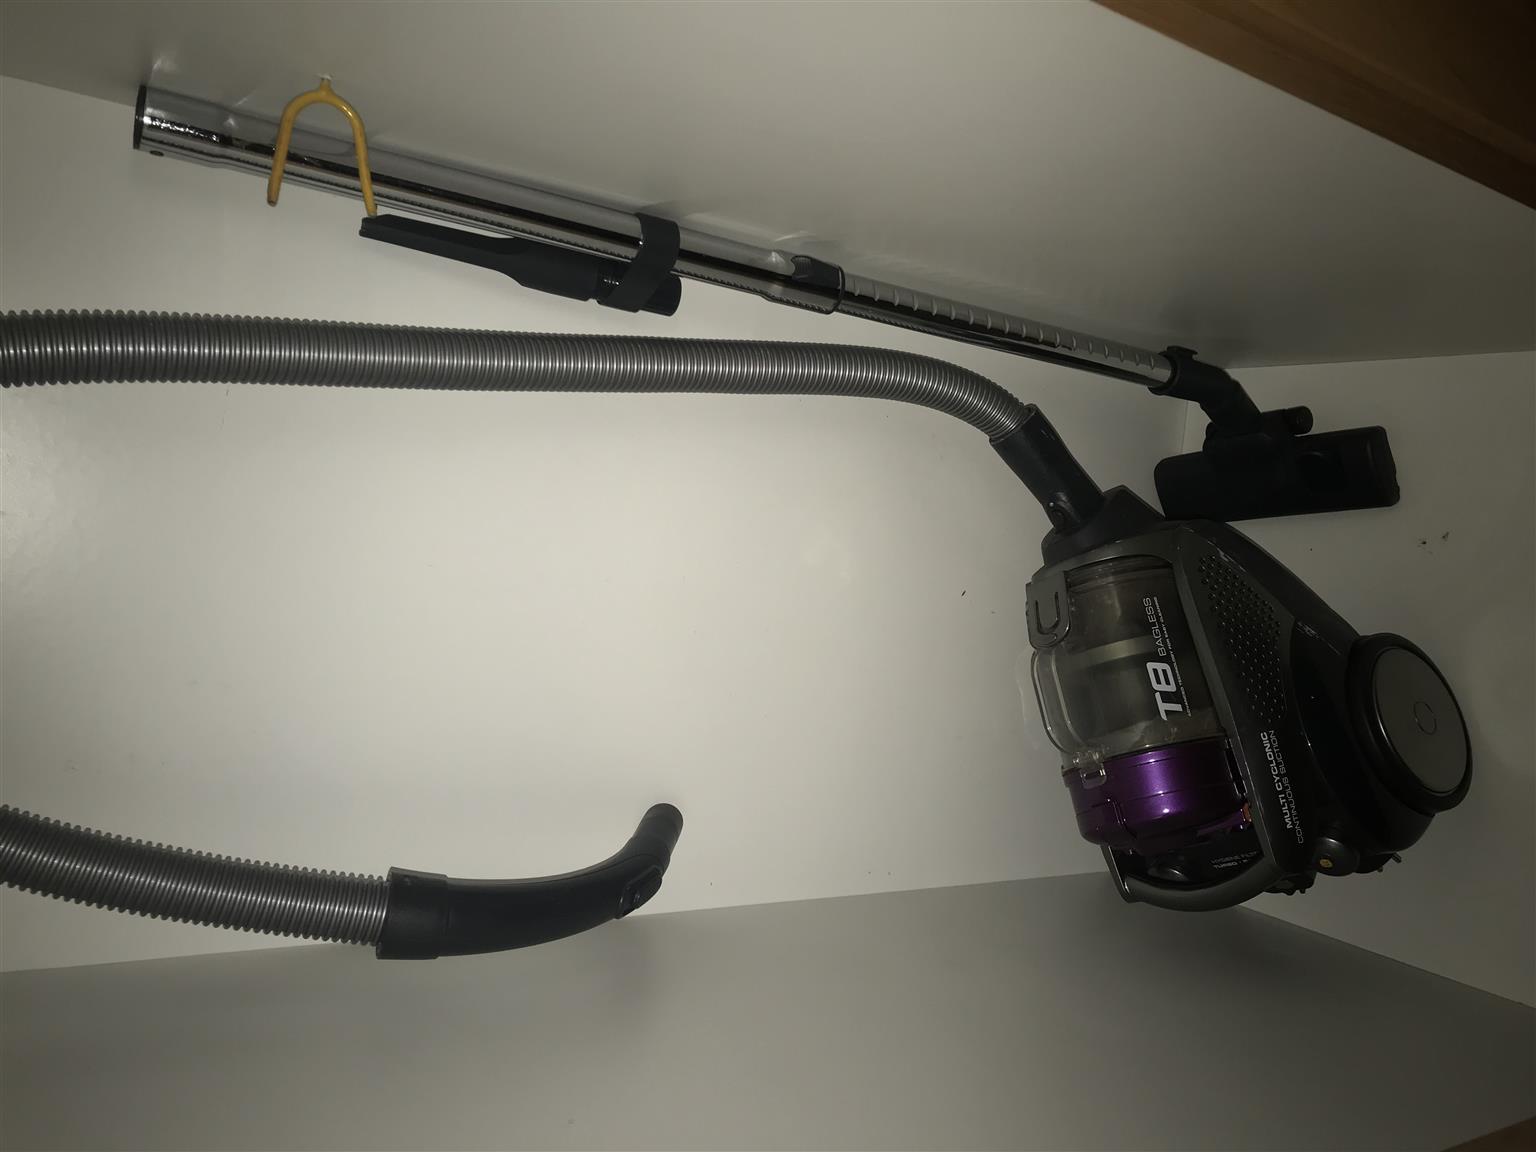 AEG Turbo T8 Vacuum cleaner